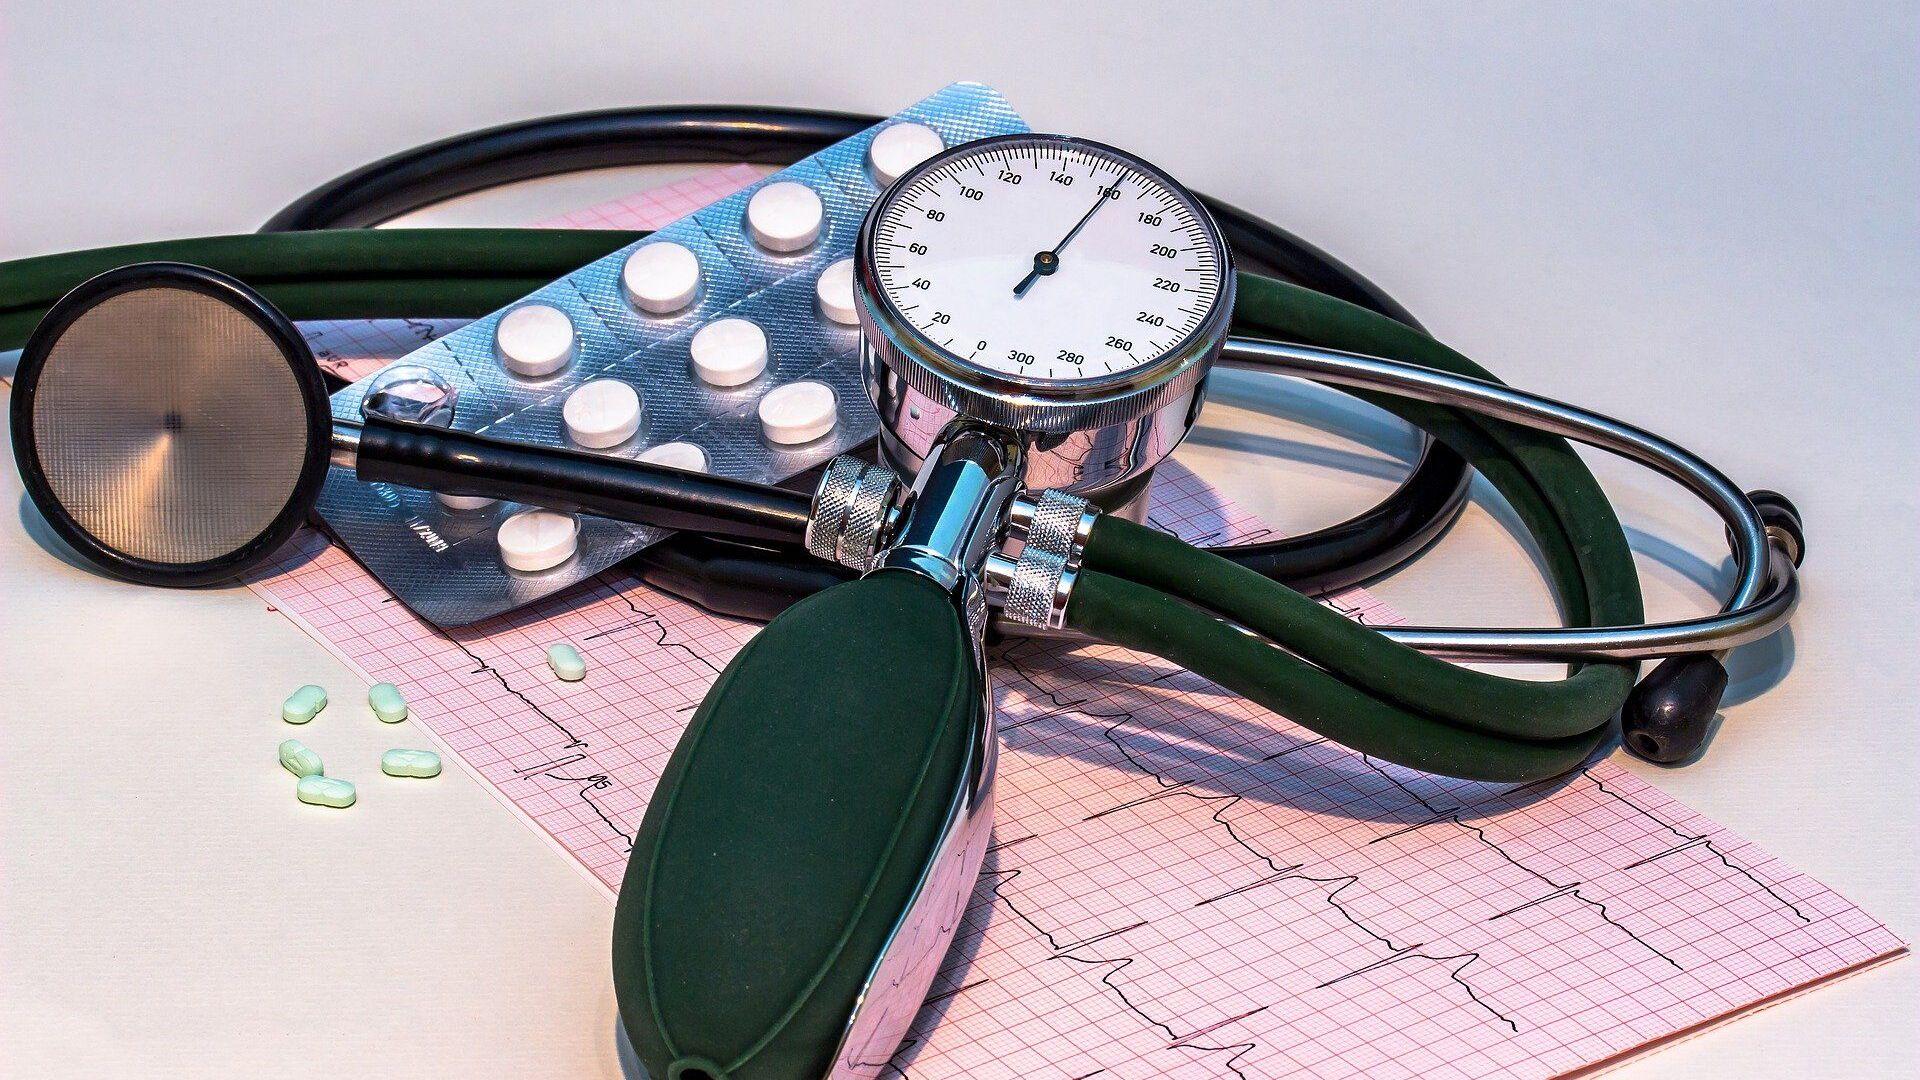 Un aparato para medir la presión arterial, unas pastillas y un gráfico de cardiograma  - Sputnik Mundo, 1920, 11.10.2021